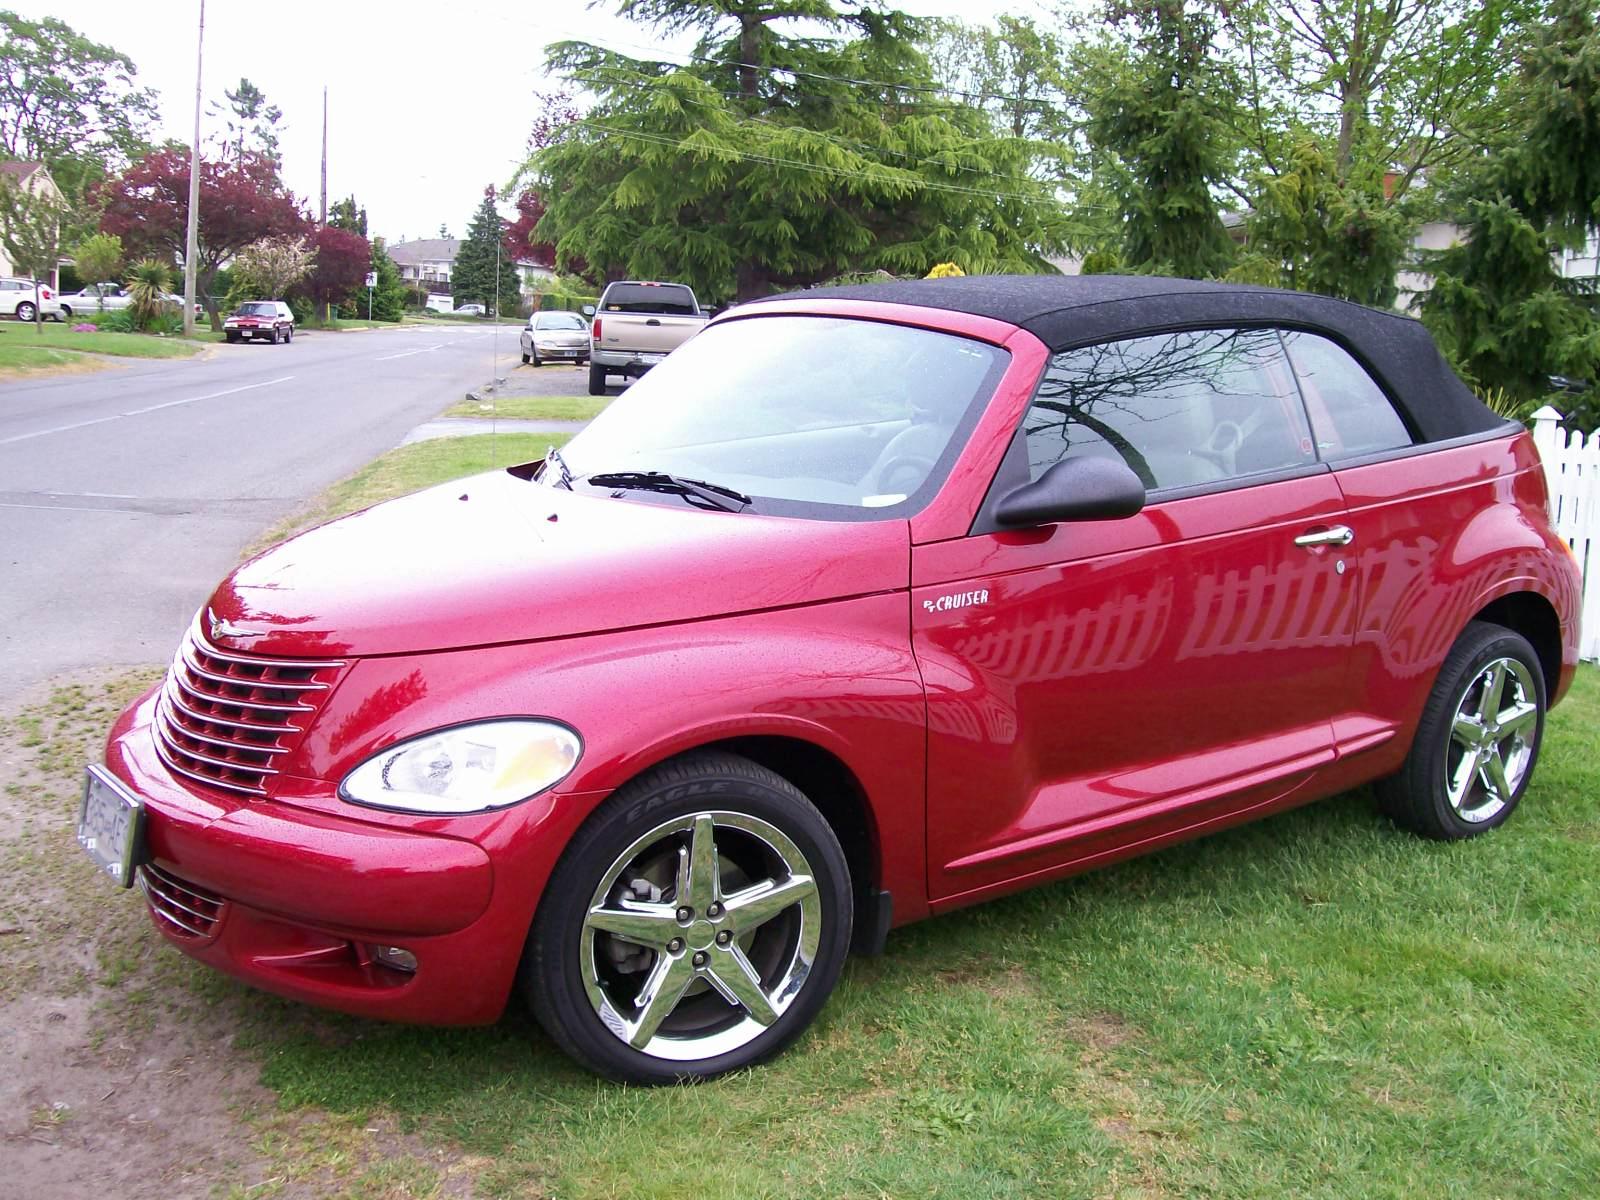 2005 Chrysler Pt Cruiser Exterior Pictures Cargurus